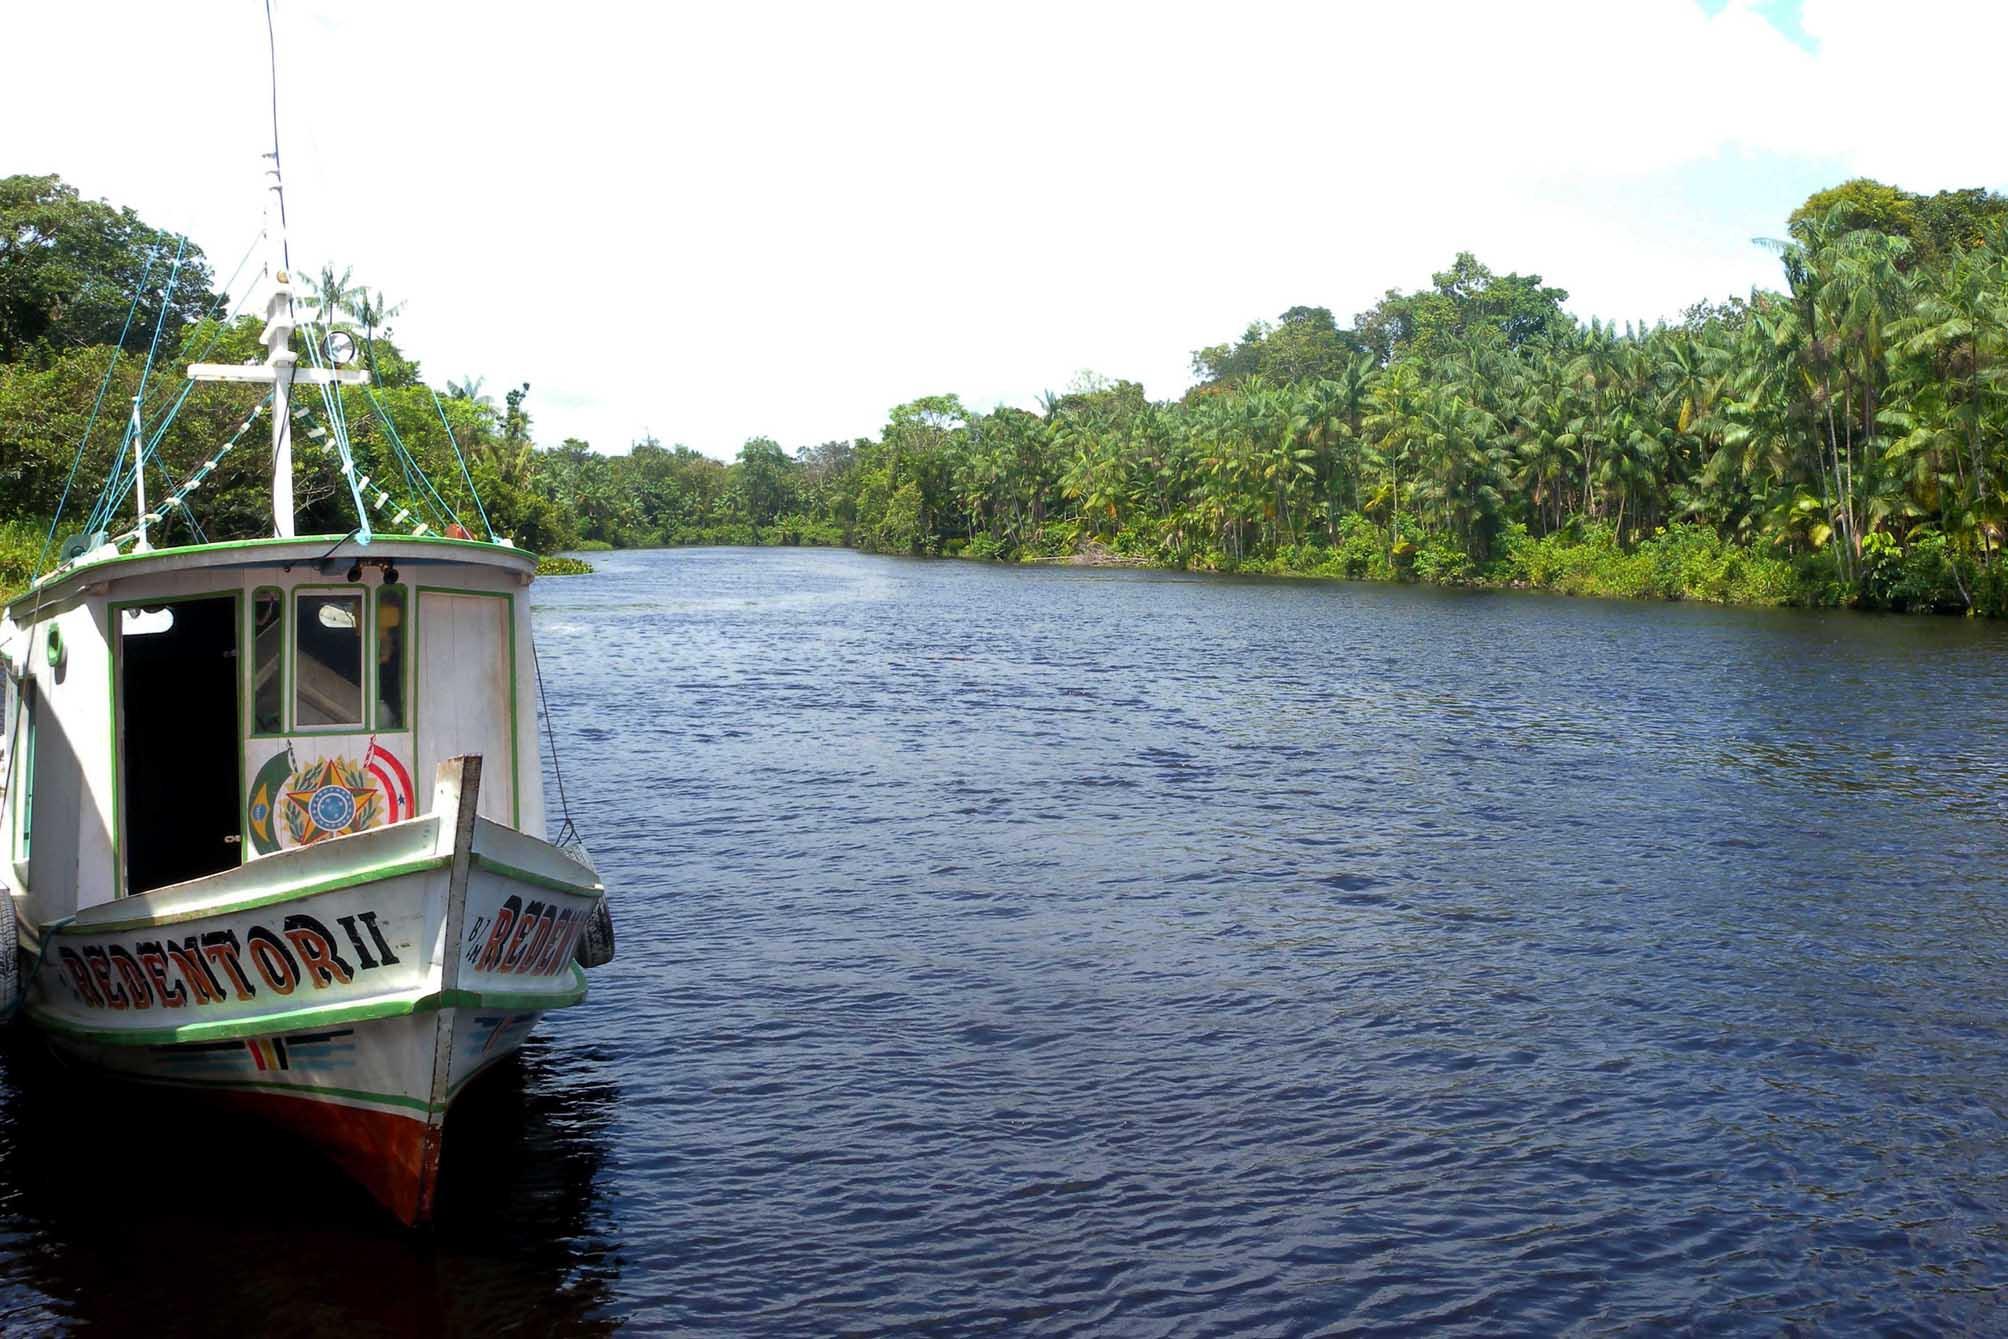 Transporte - barcos e portos - transporte fluvial Amazônia ribeirinhos